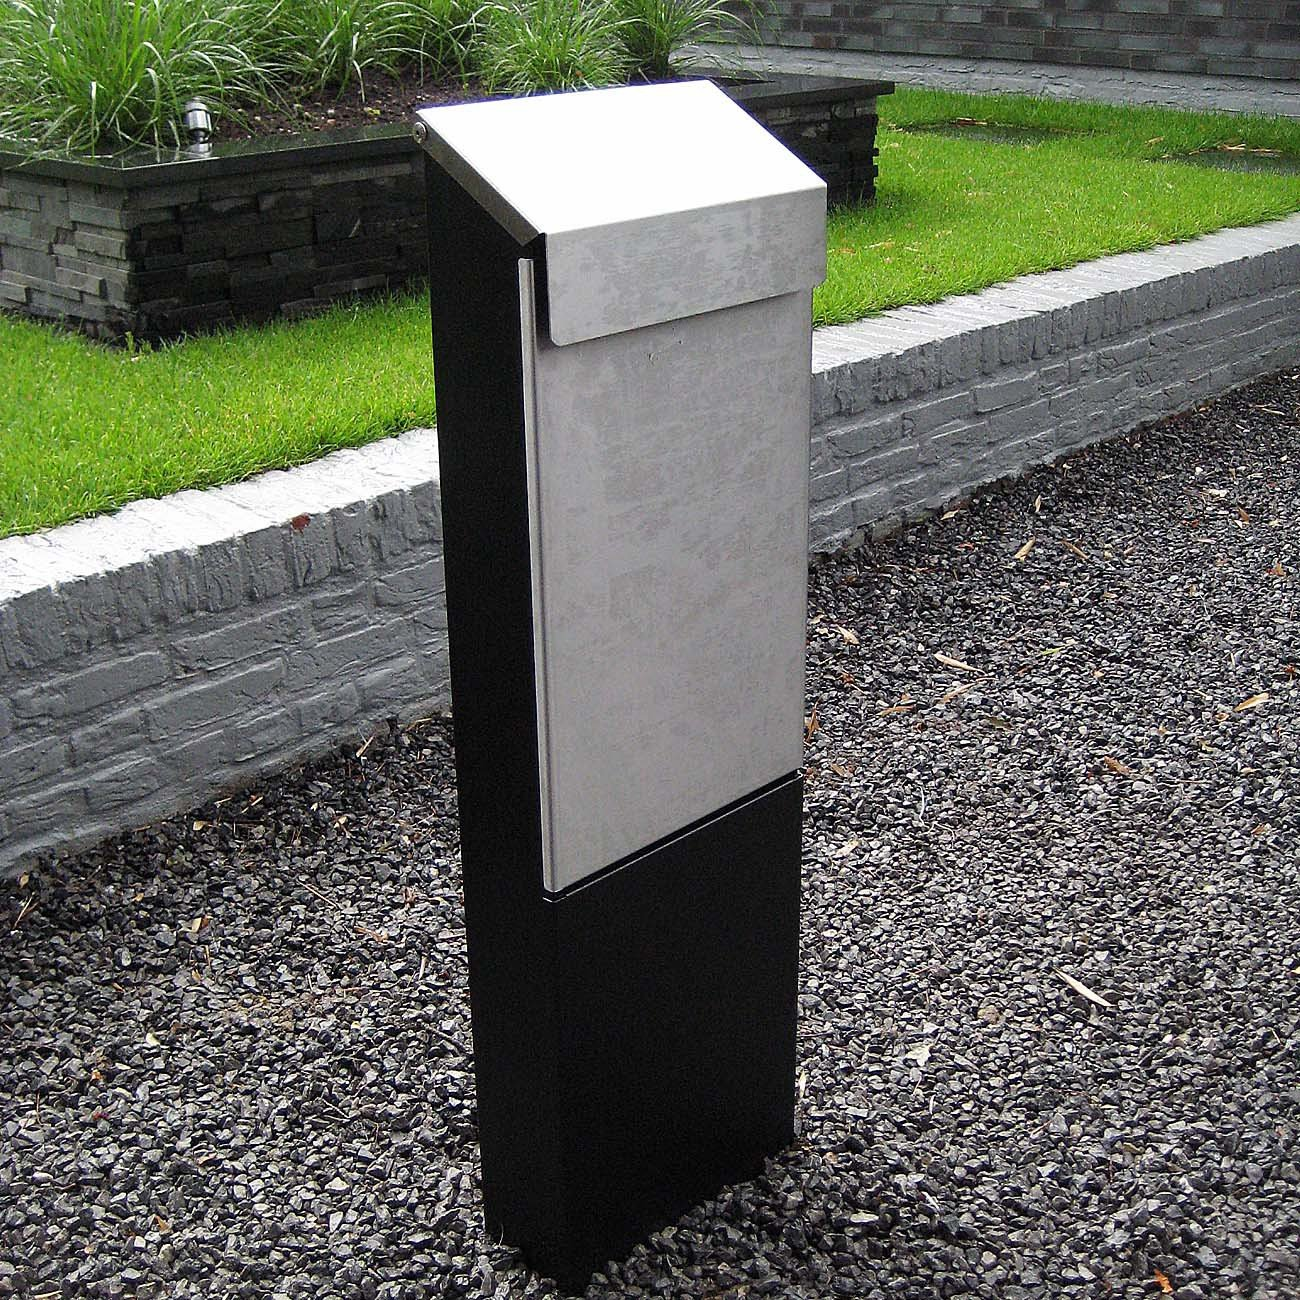 Briefkasten Stand bobi standbriefkasten aus edelstahl korpus und ständer